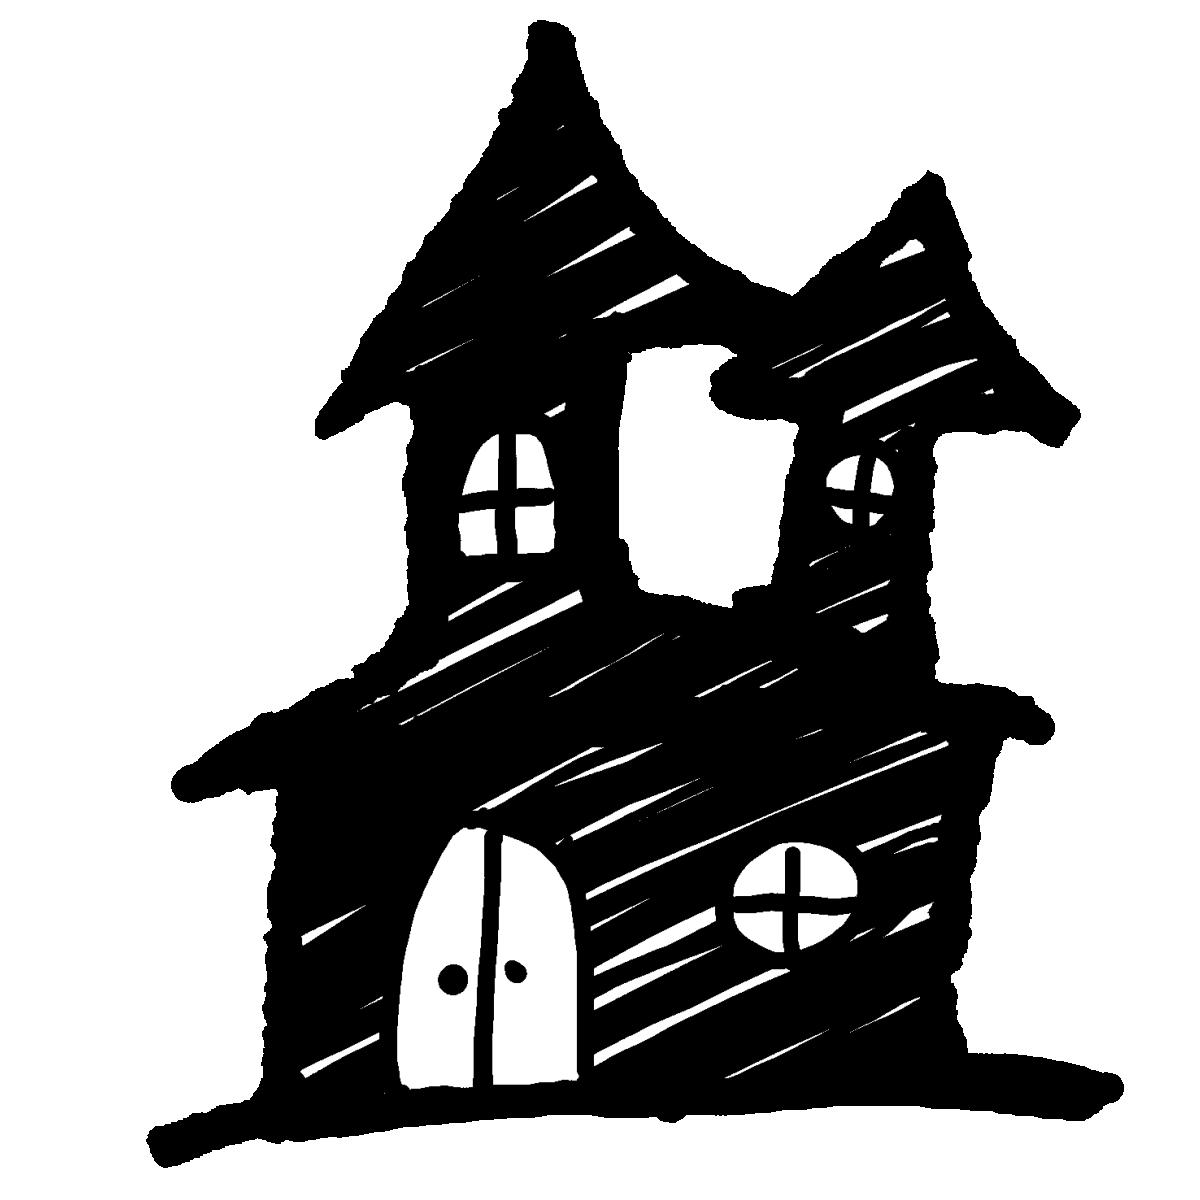 家の影(2種)のイラスト / Shadow of house (2 types) Illustration